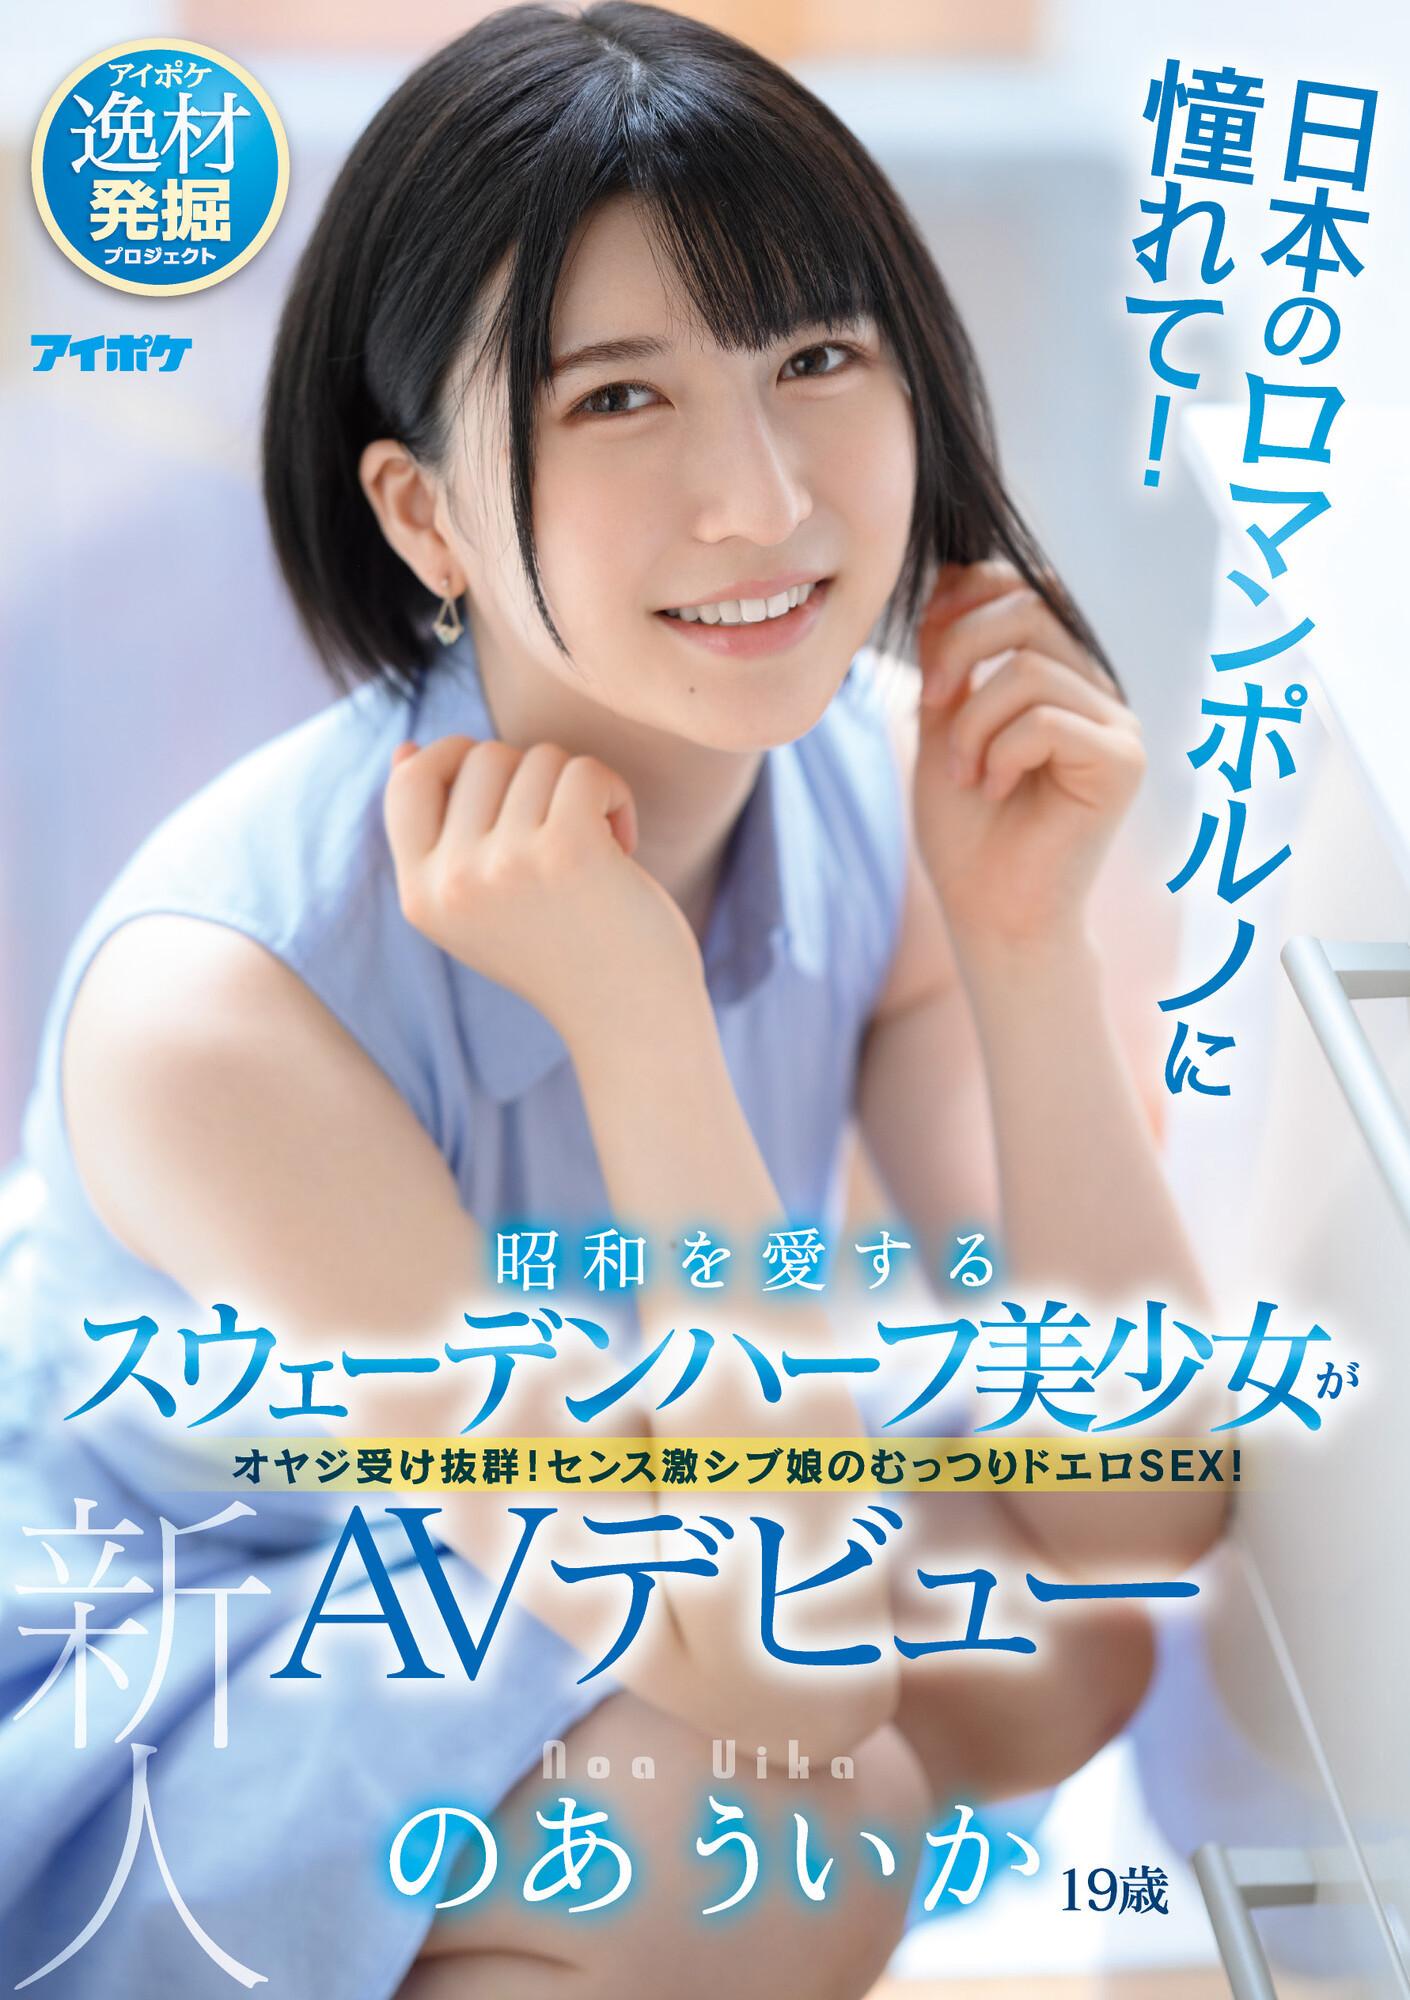 IPIT-020日瑞混血美少女のあういか(乃亚忧香)战斗的时候生猛有力 (1)